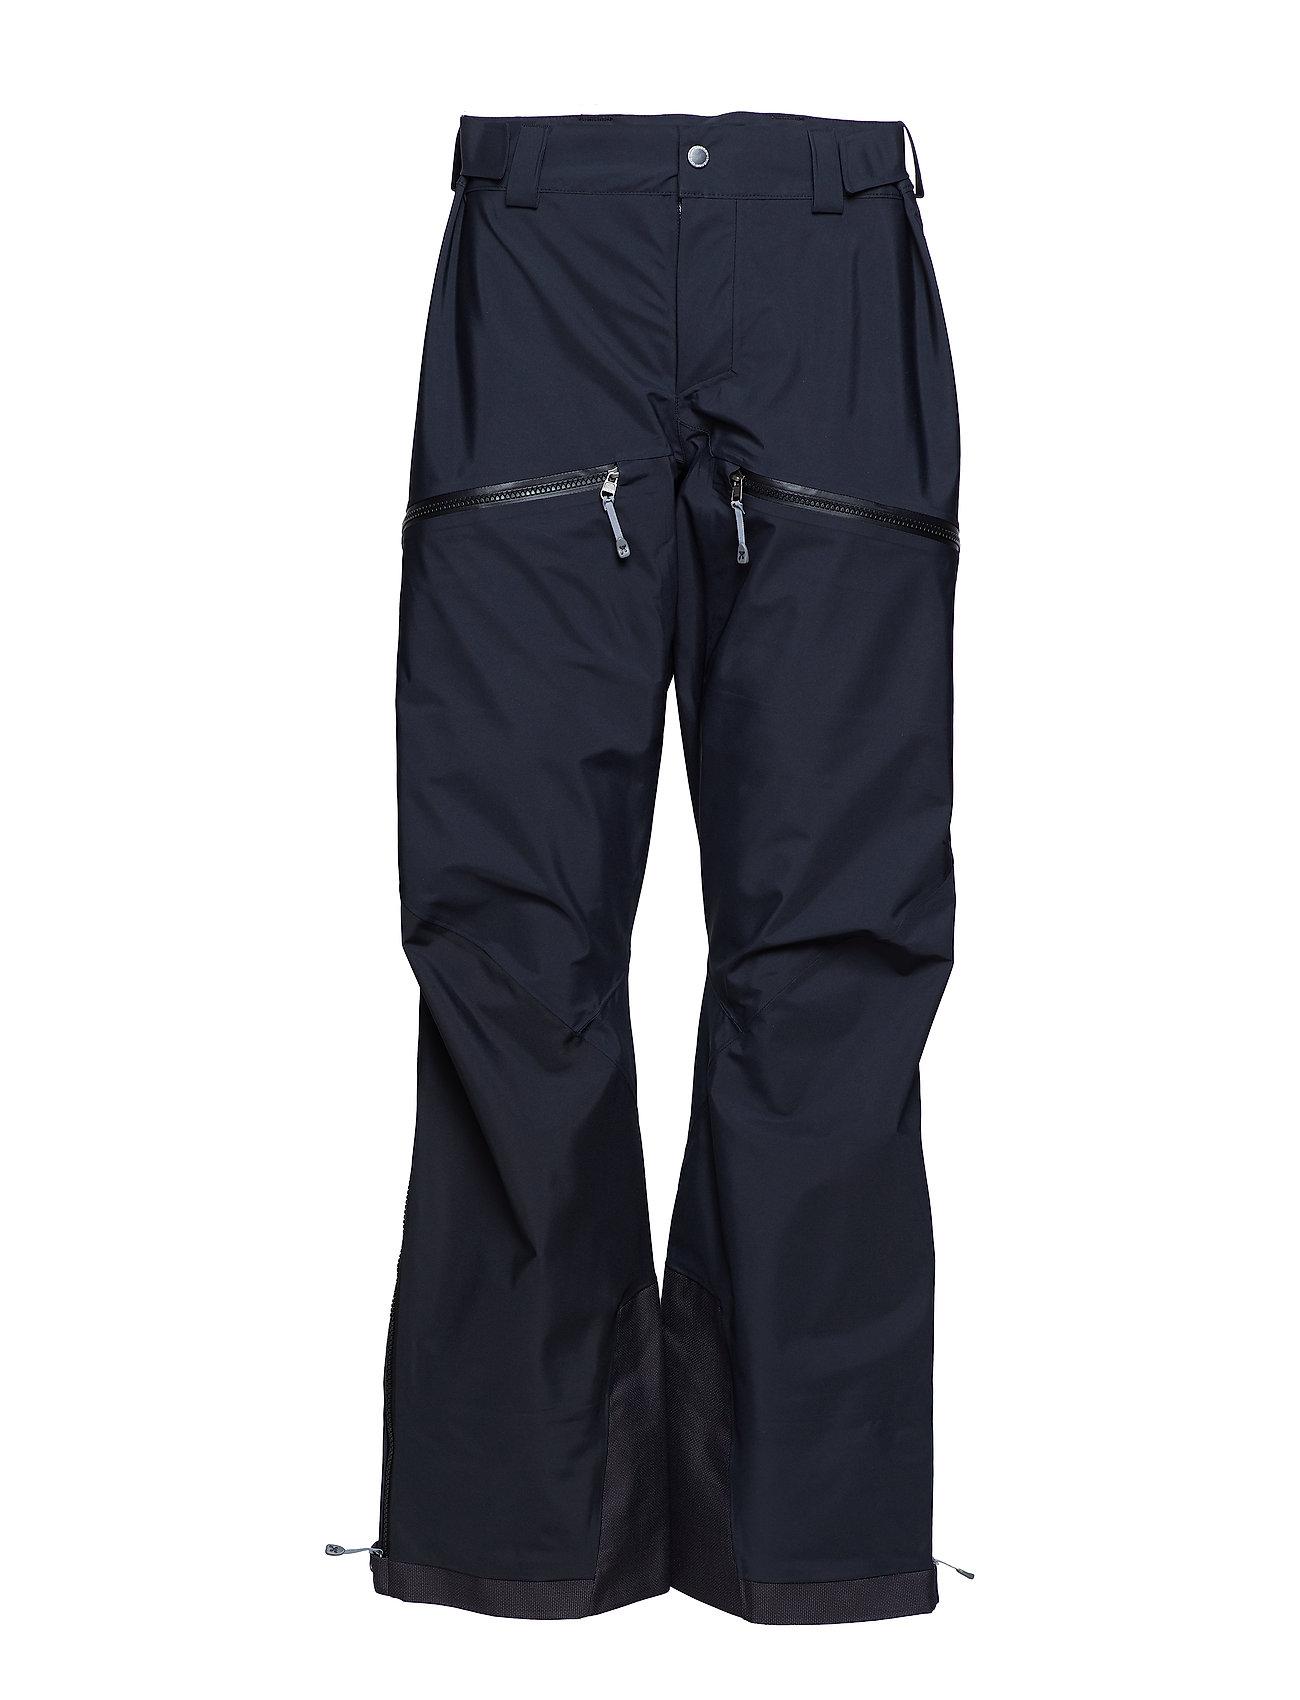 Image of W'S Purpose Pants Bukser Blå HOUDINI (3091461995)